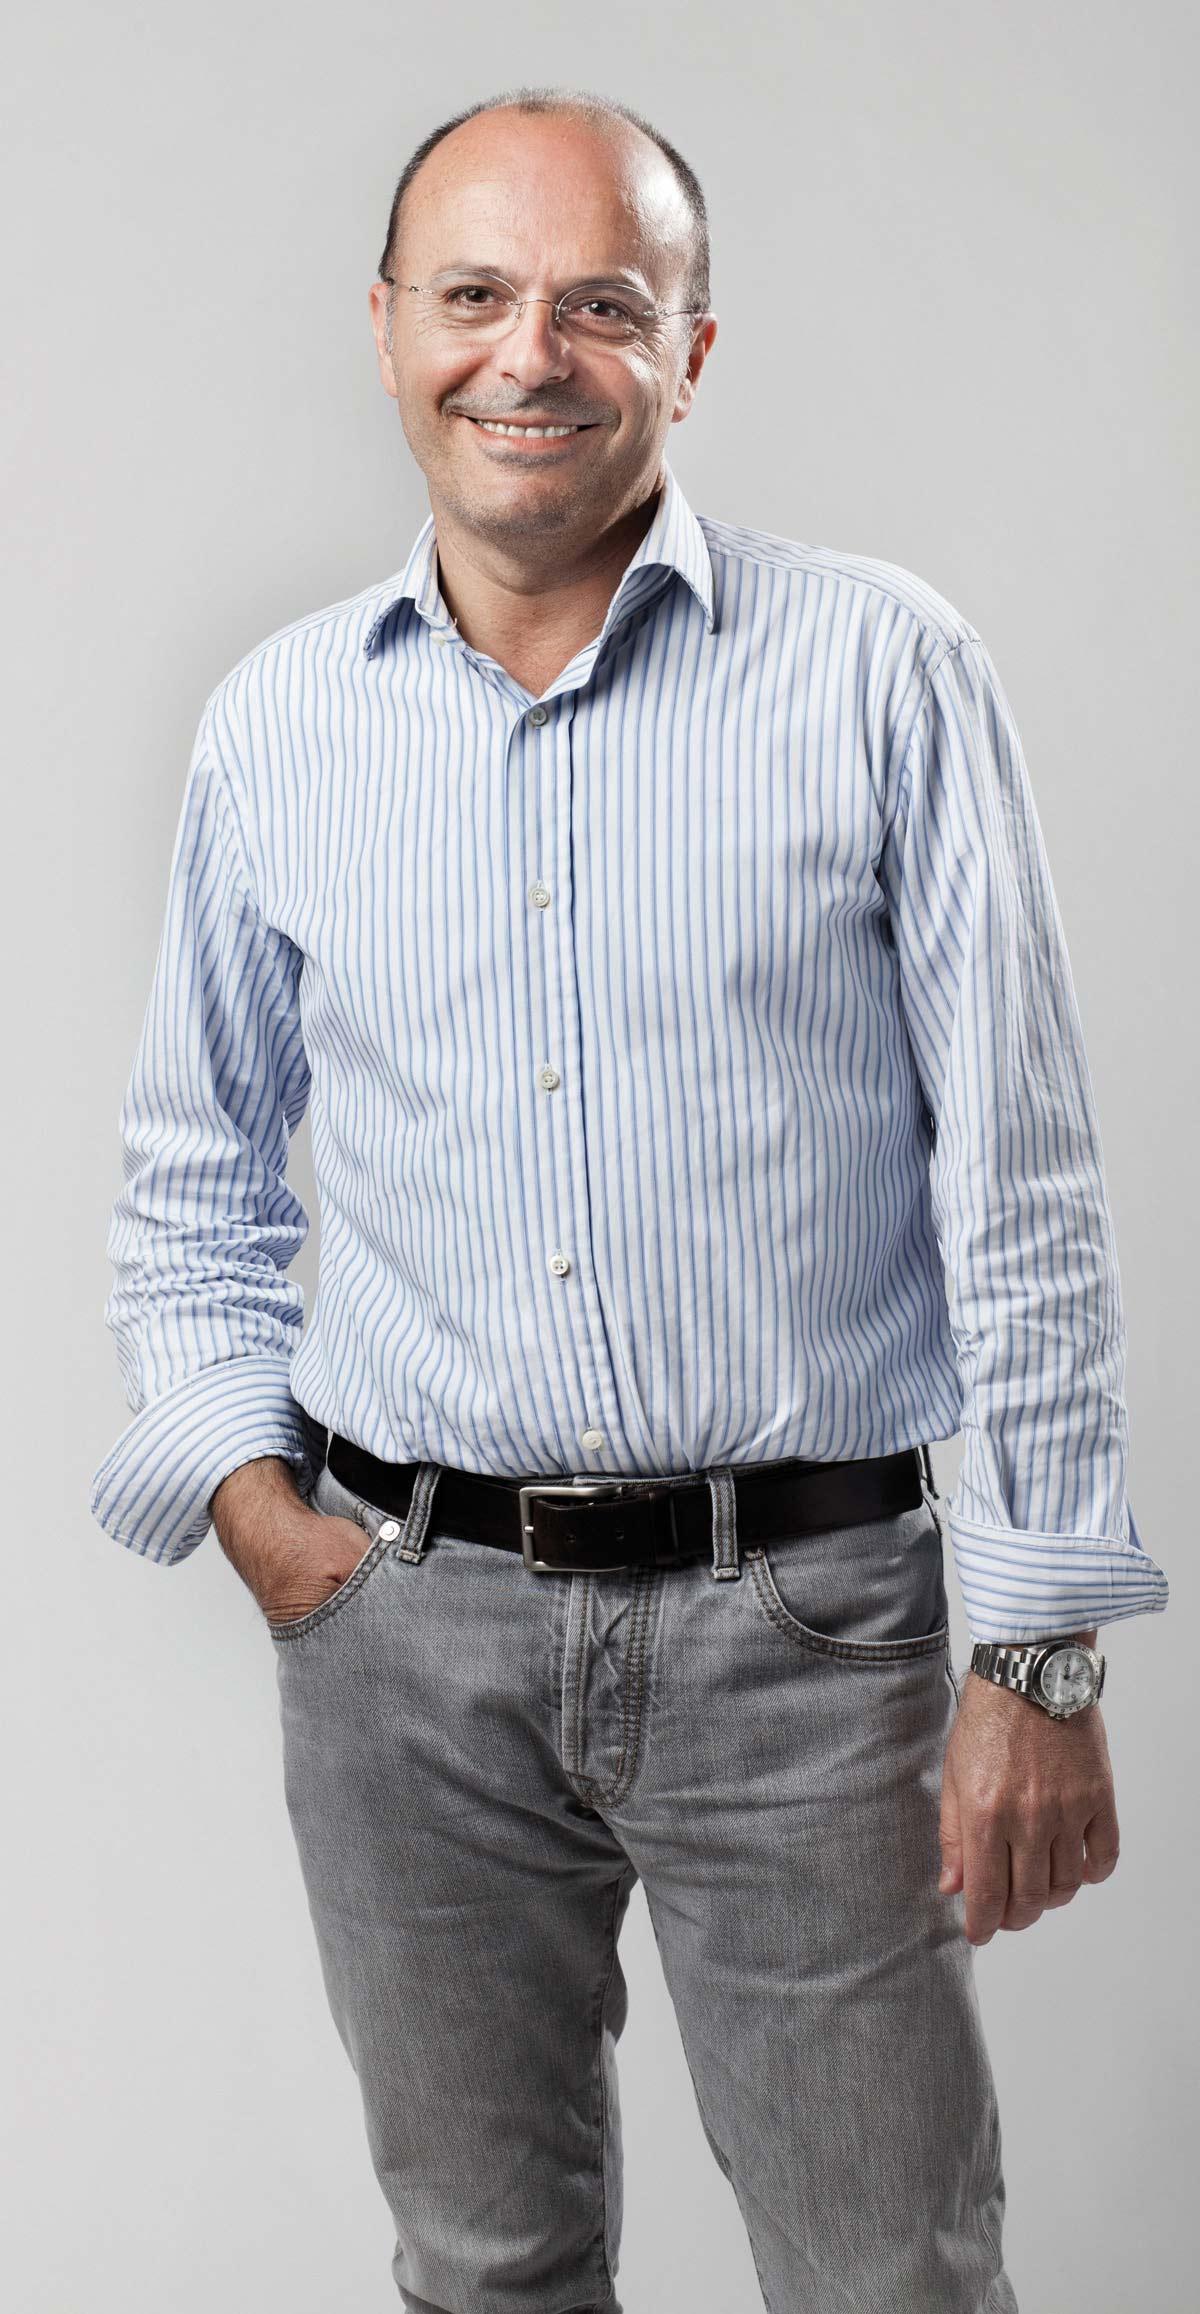 La foto ufficiale di Carlo Capacci